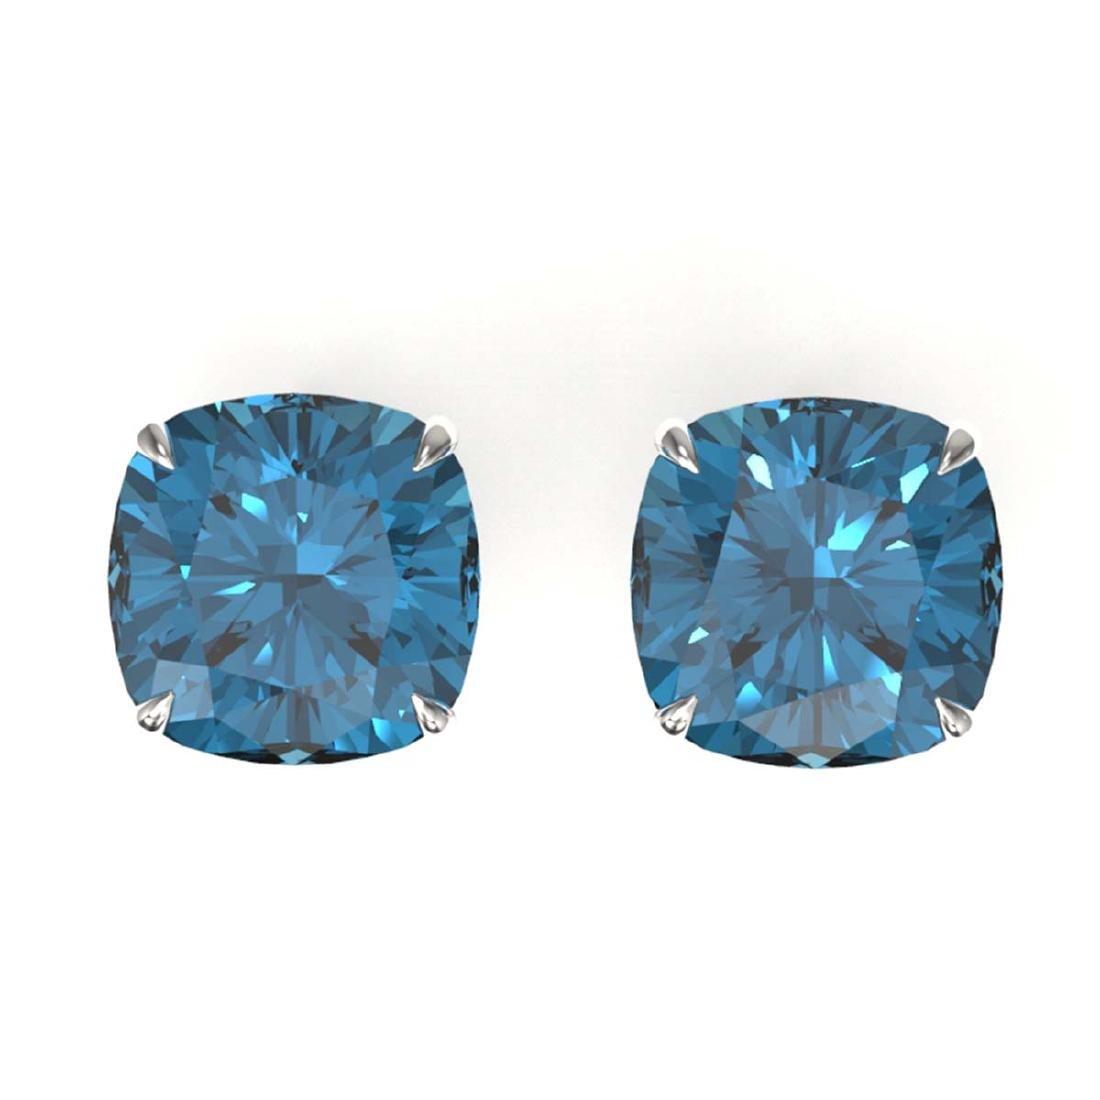 12 ctw Cushion London Blue Topaz Stud Earrings 18K